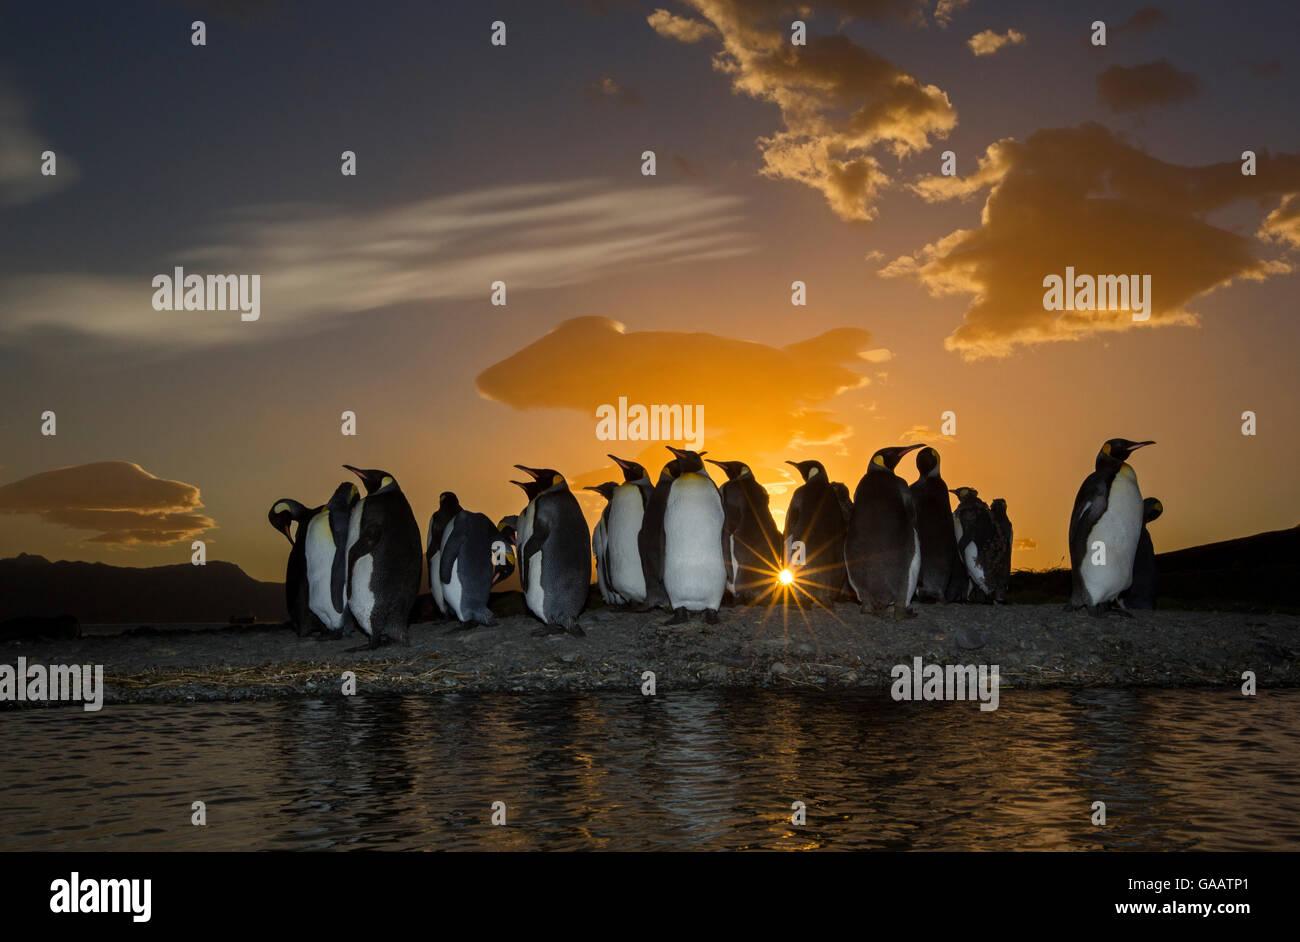 King Penguins at Dawn 51